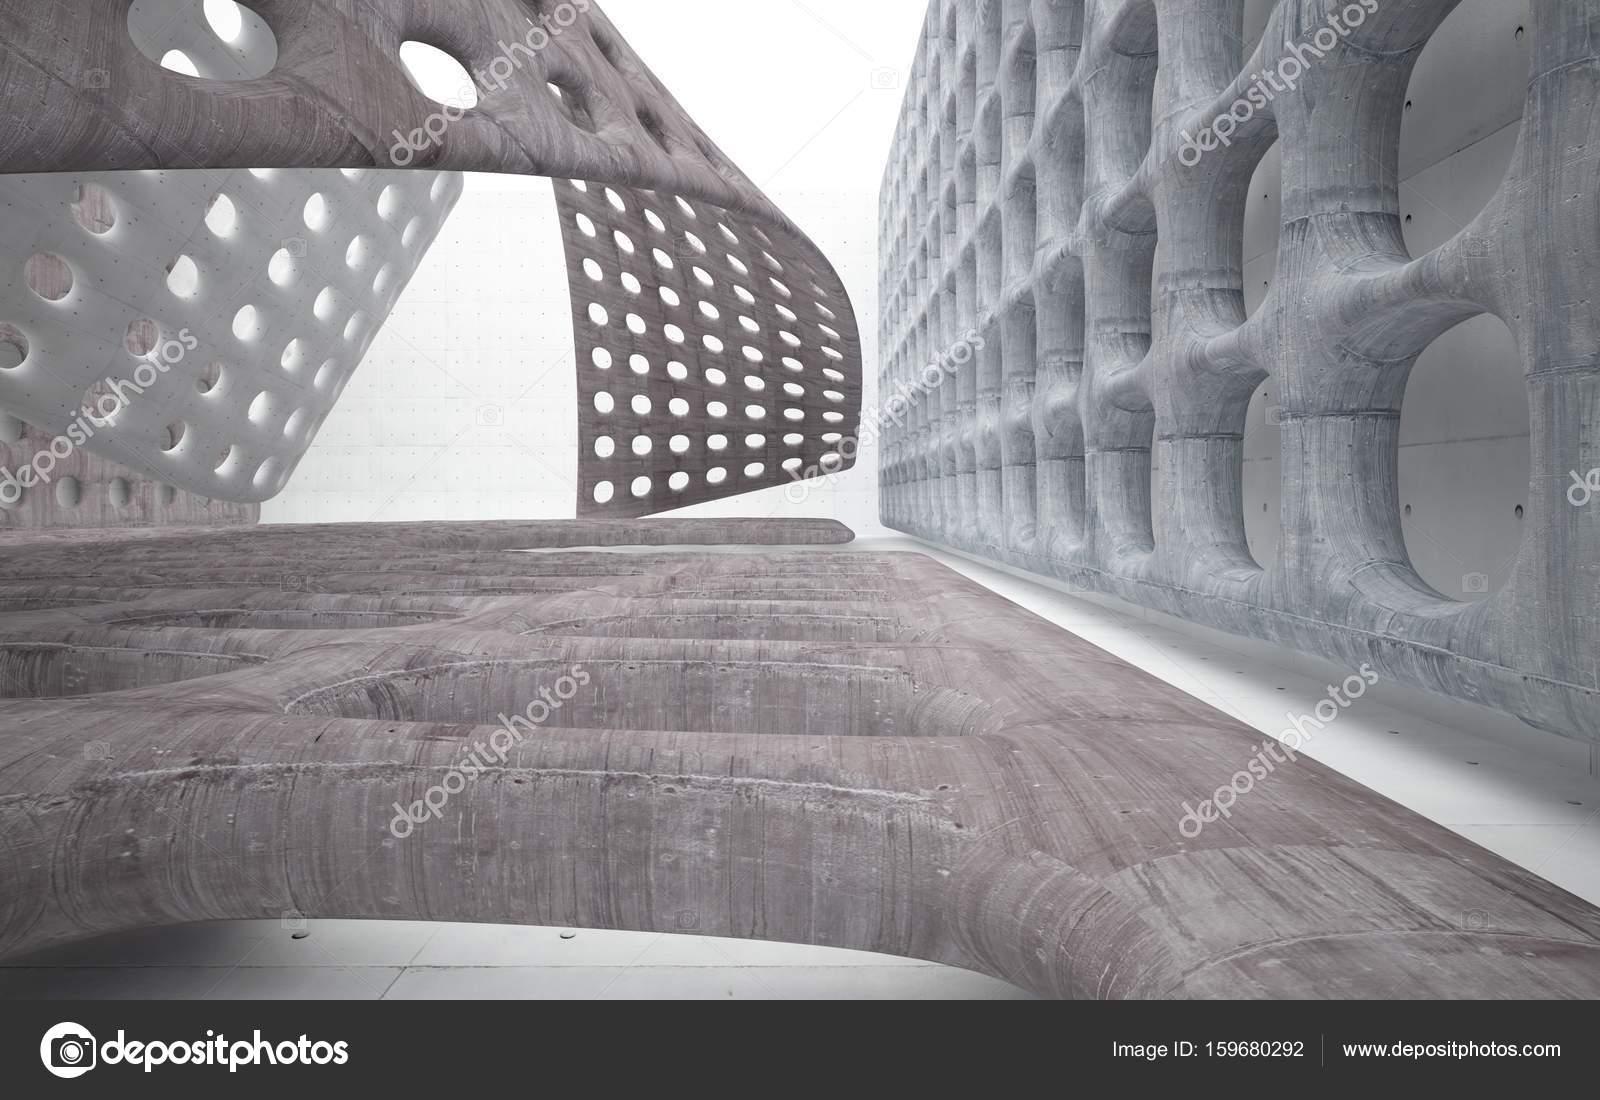 Beton In Interieur : Béton intérieur avec des objets lisses u2014 photographie sergeymansurov